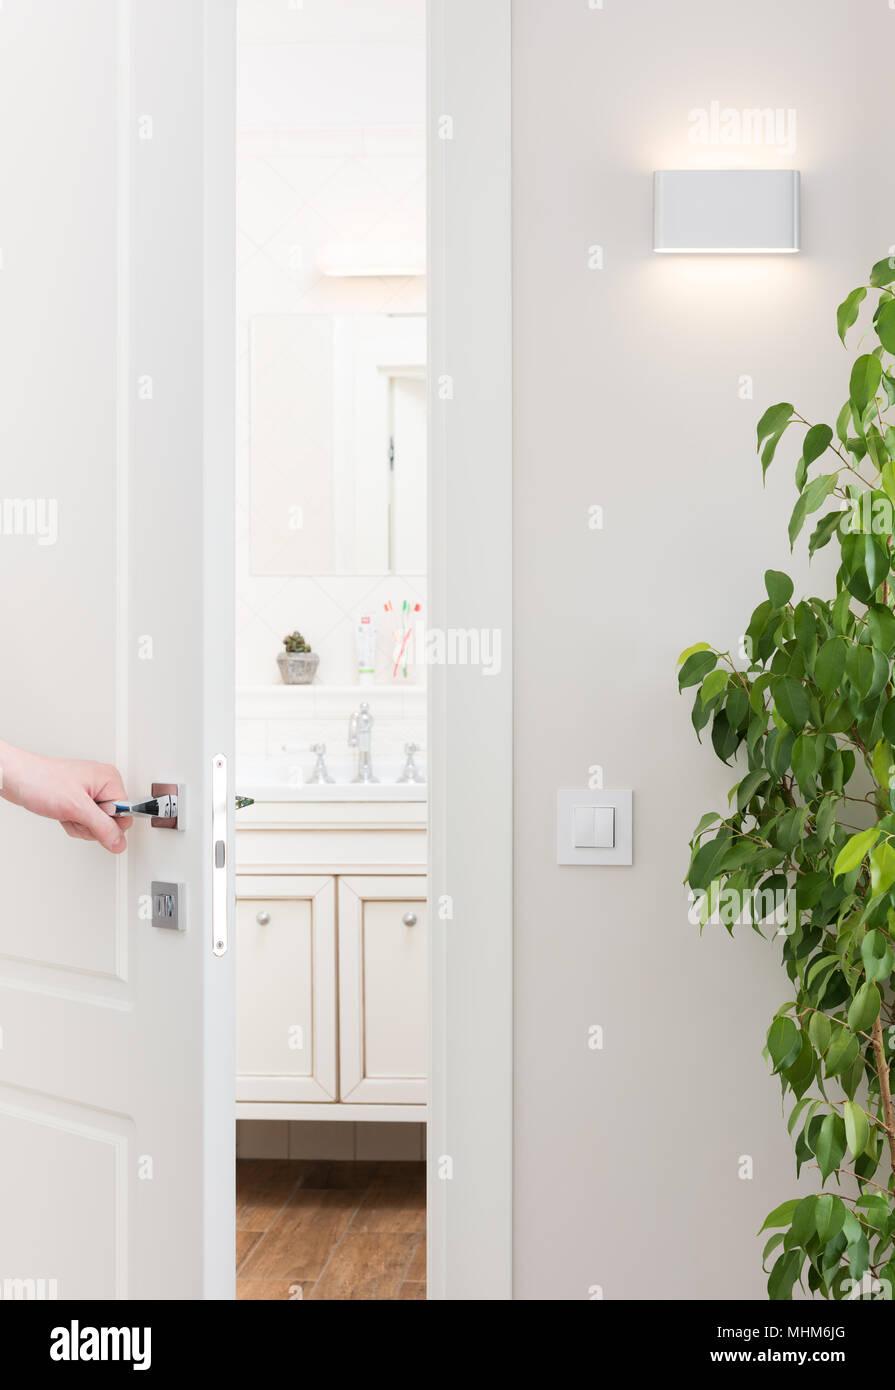 Ordinaire Die Tür Zum Badezimmer öffnen. Moderne Und Helle Einrichtung Mit  Dekorativen Elementen. Männliche Hand Auf Die Verchromten Griff